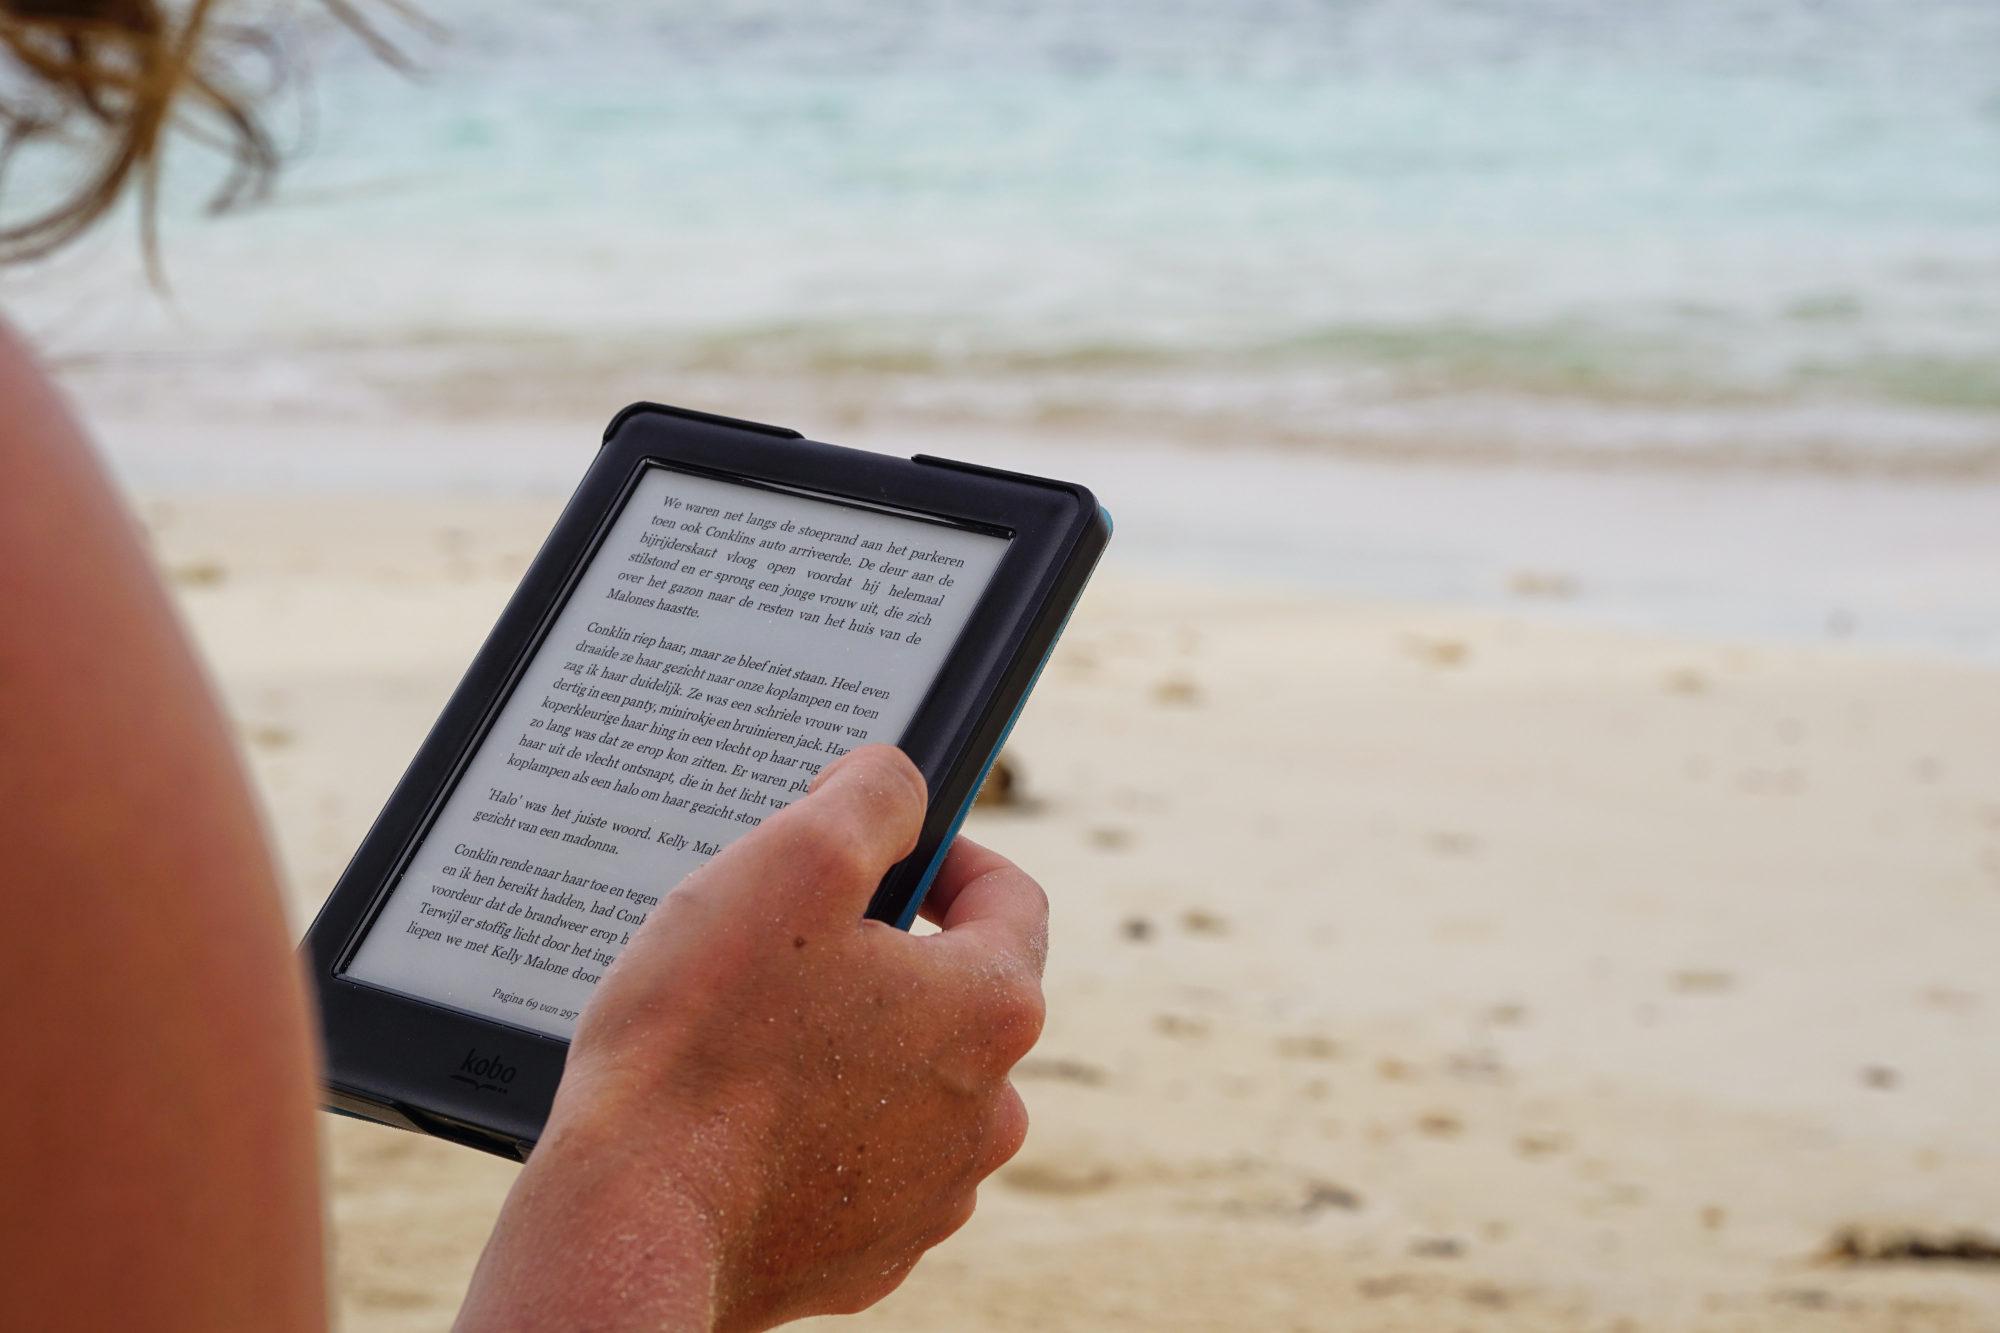 Vacances : quel est votre objet tech indispensable cet été ?